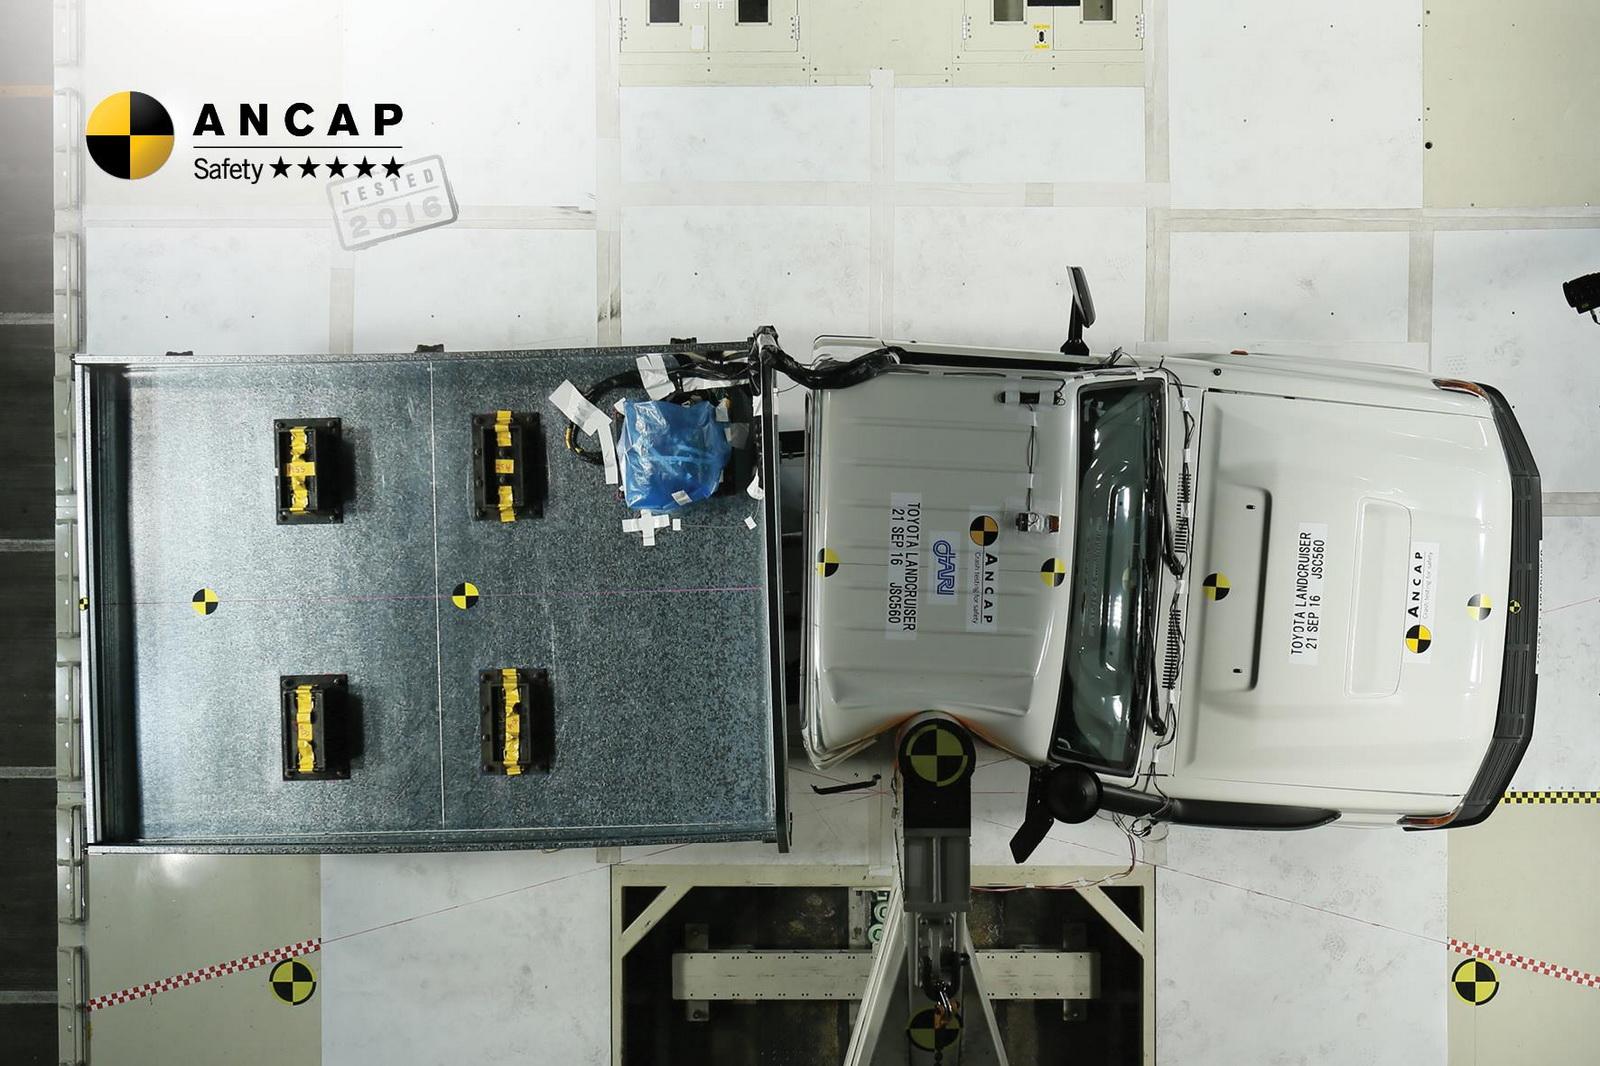 2016-10-24 LC 70 ANCAP 5 04